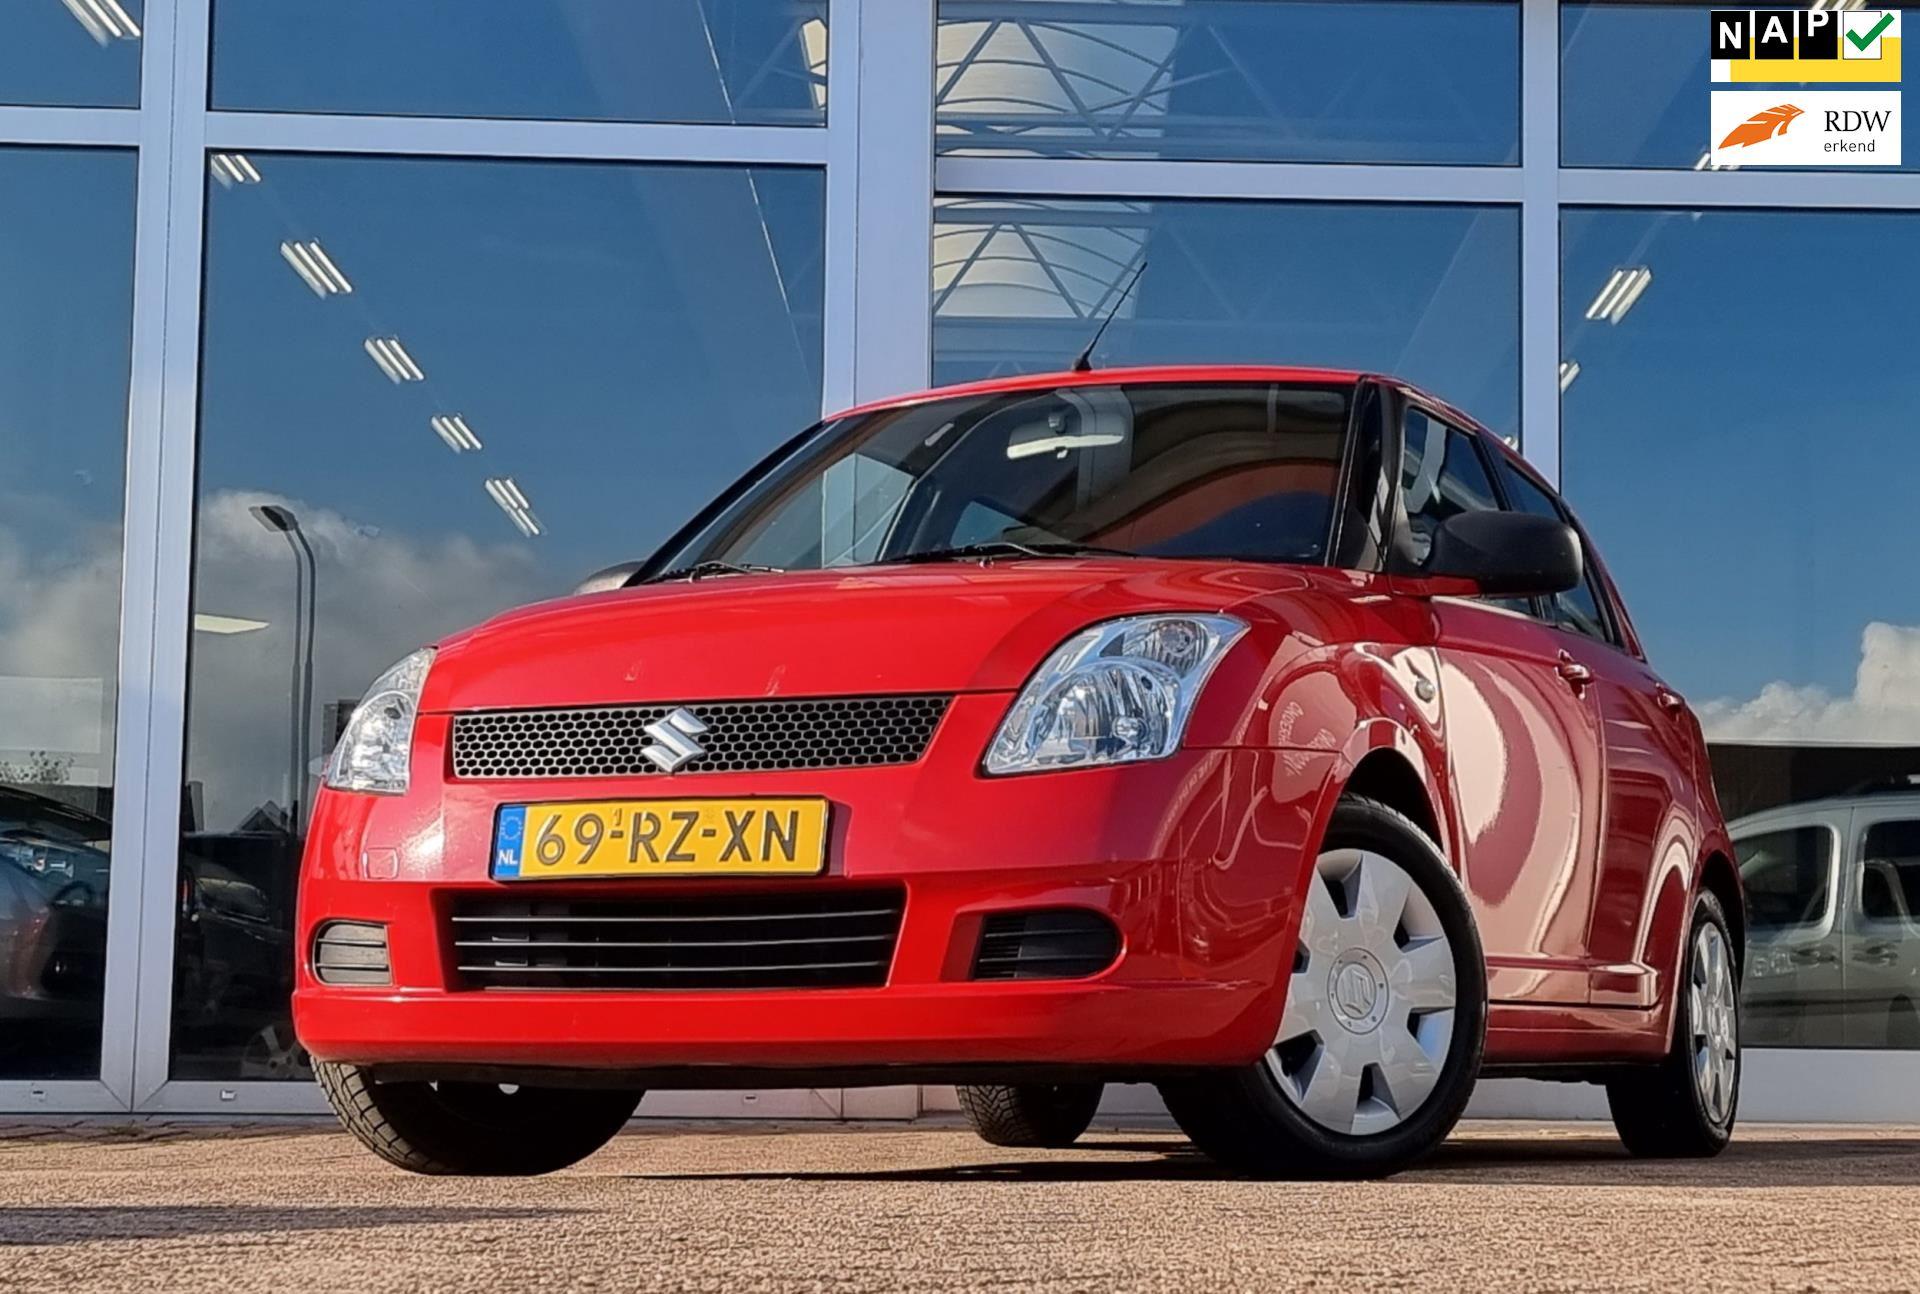 Suzuki Swift occasion - van den Boog Automotive